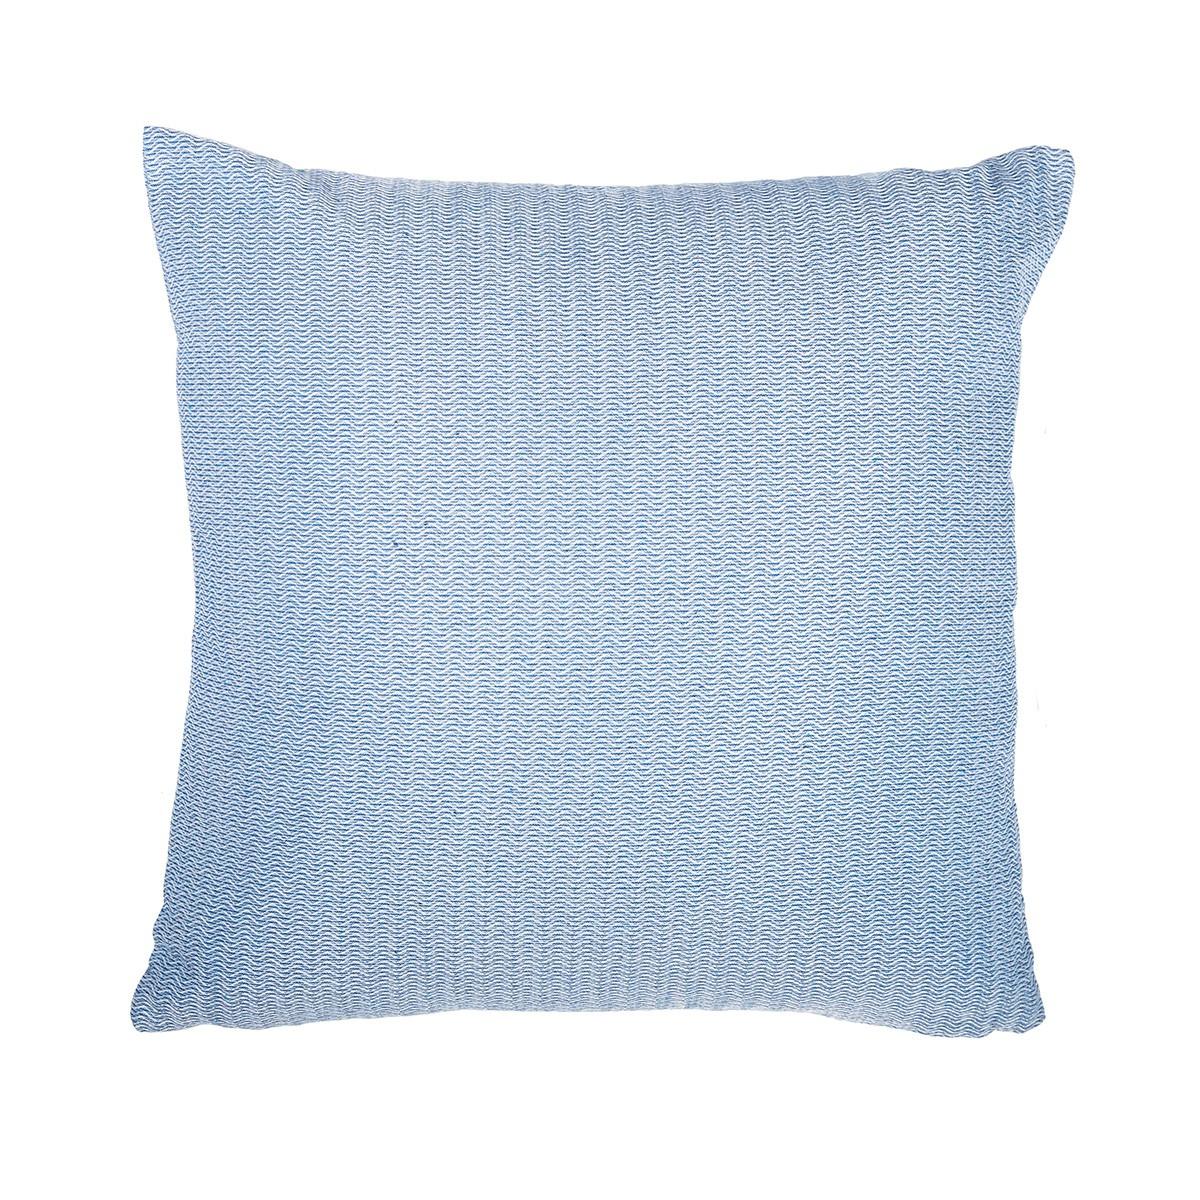 Διακοσμητική Μαξιλαροθήκη Lorenzo Santaniello Chevron Blue